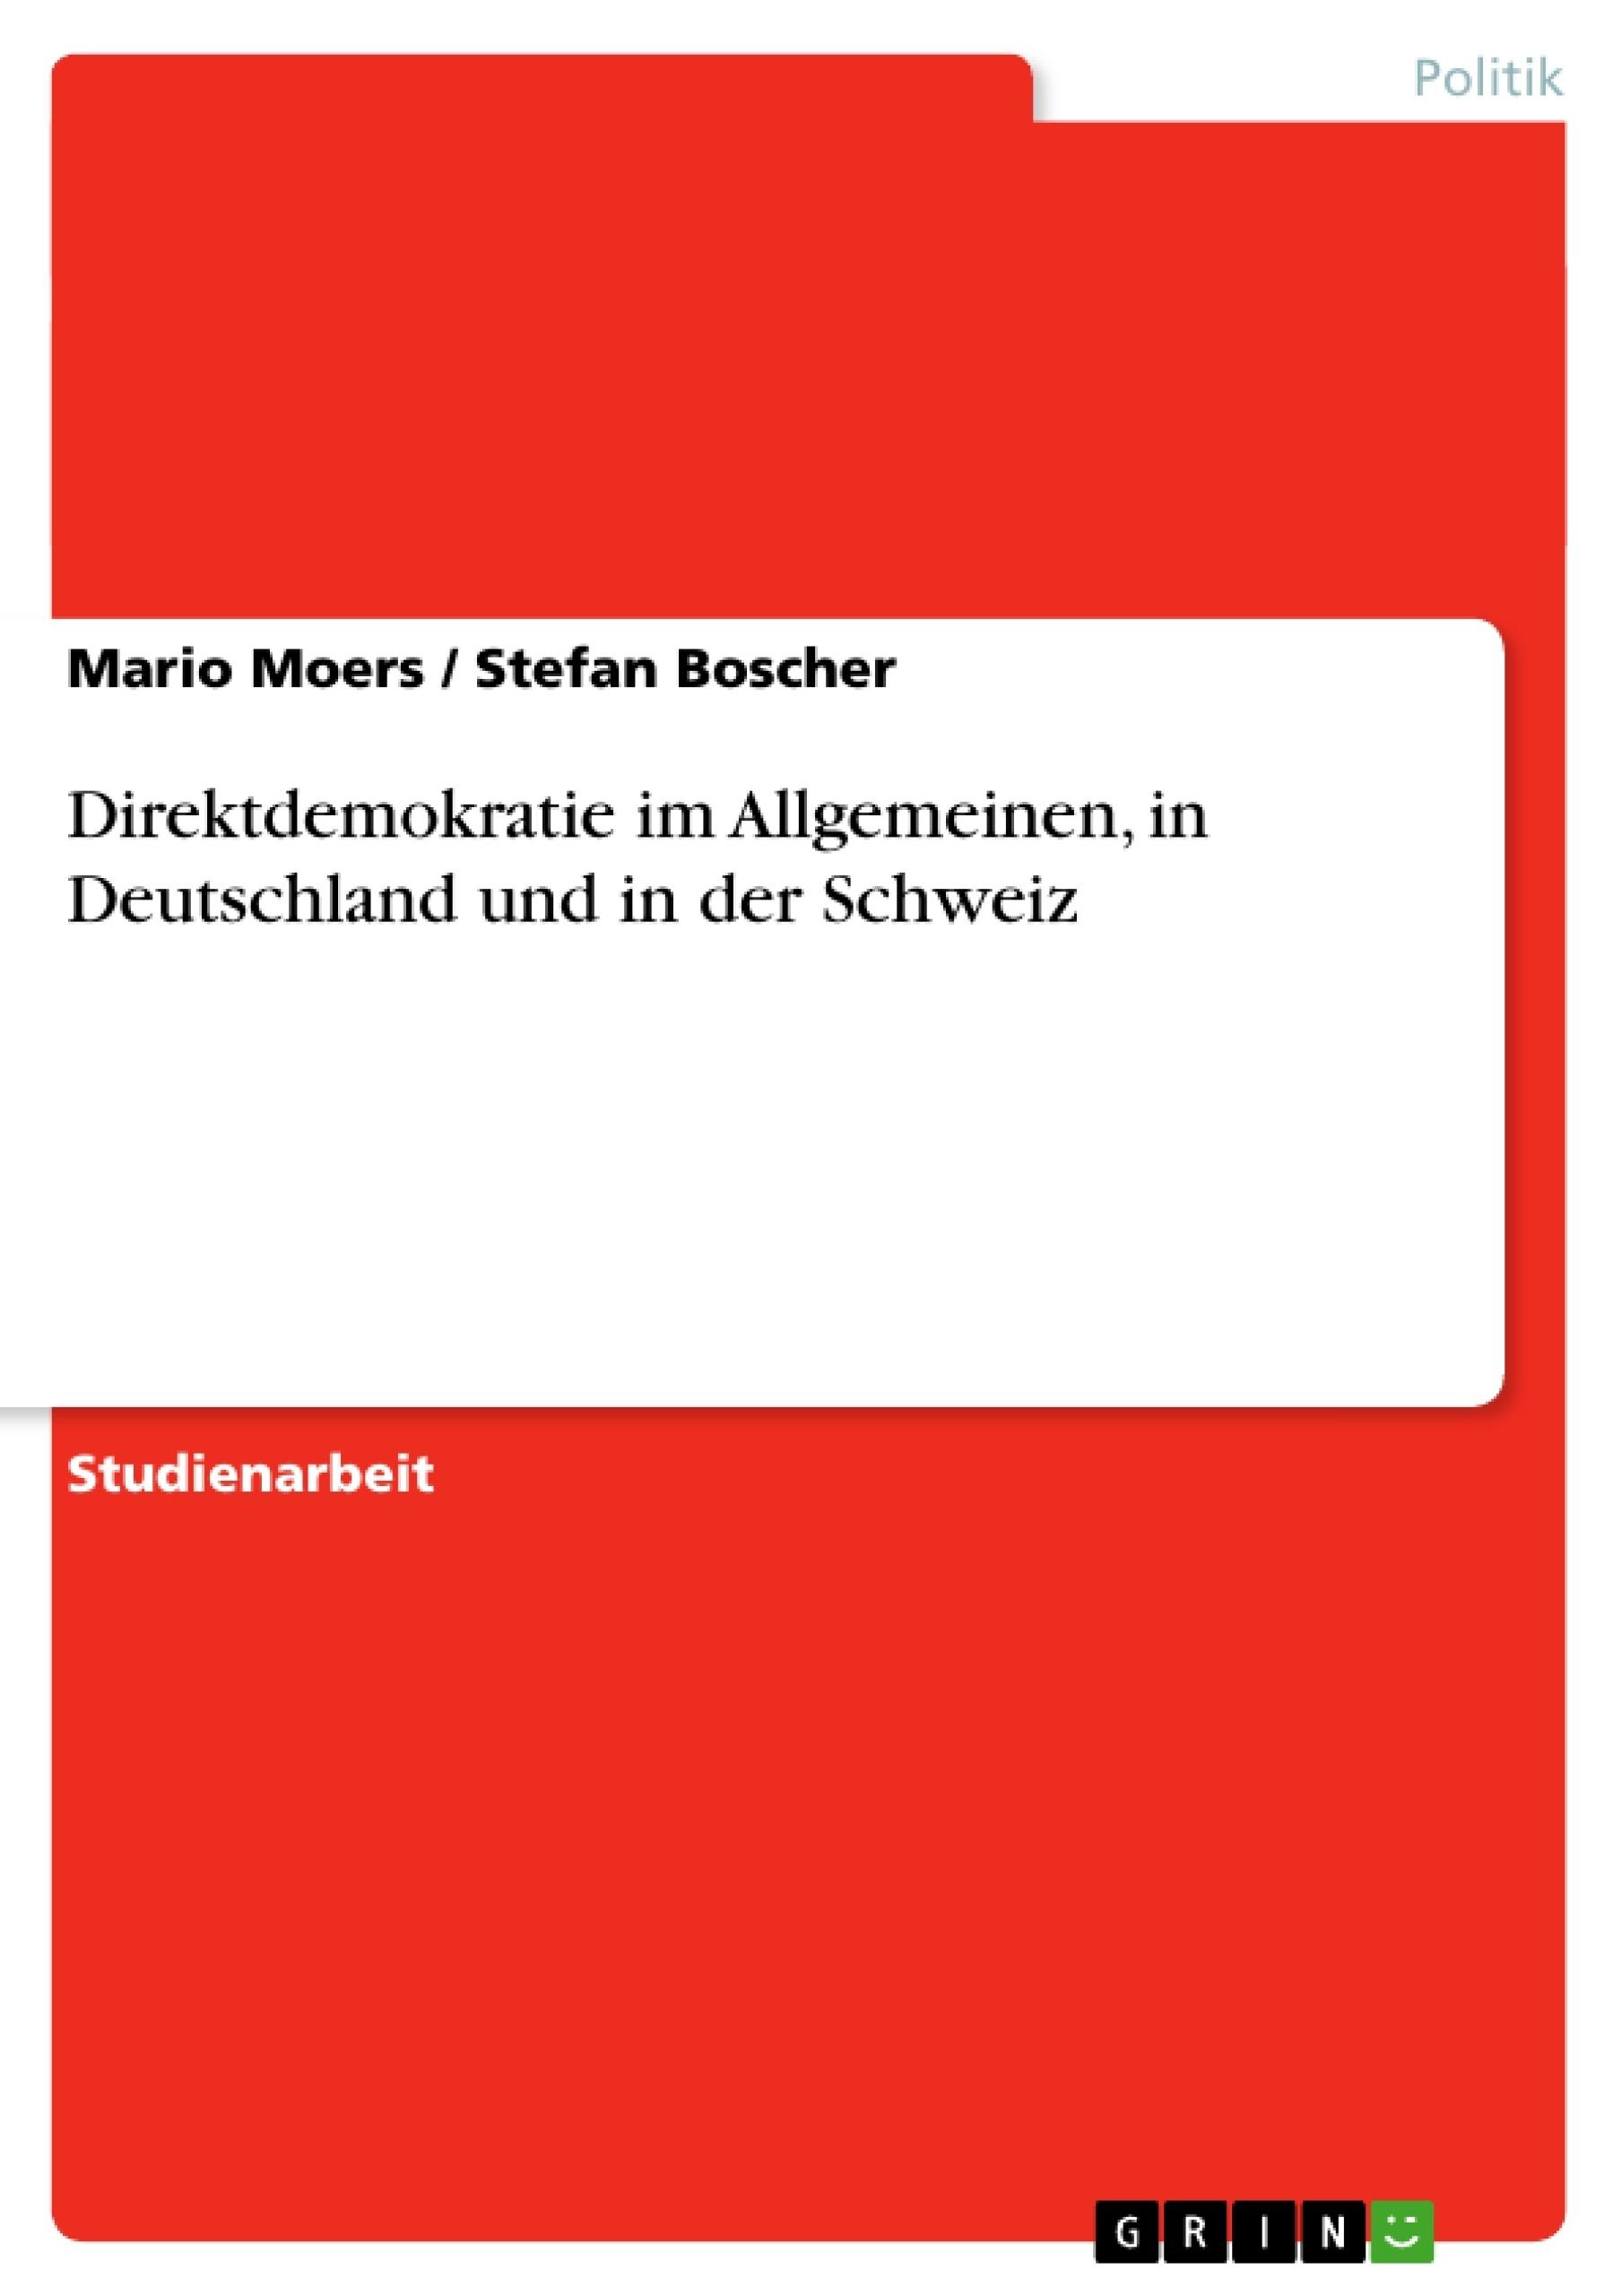 Titel: Direktdemokratie im Allgemeinen,  in Deutschland und in  der Schweiz